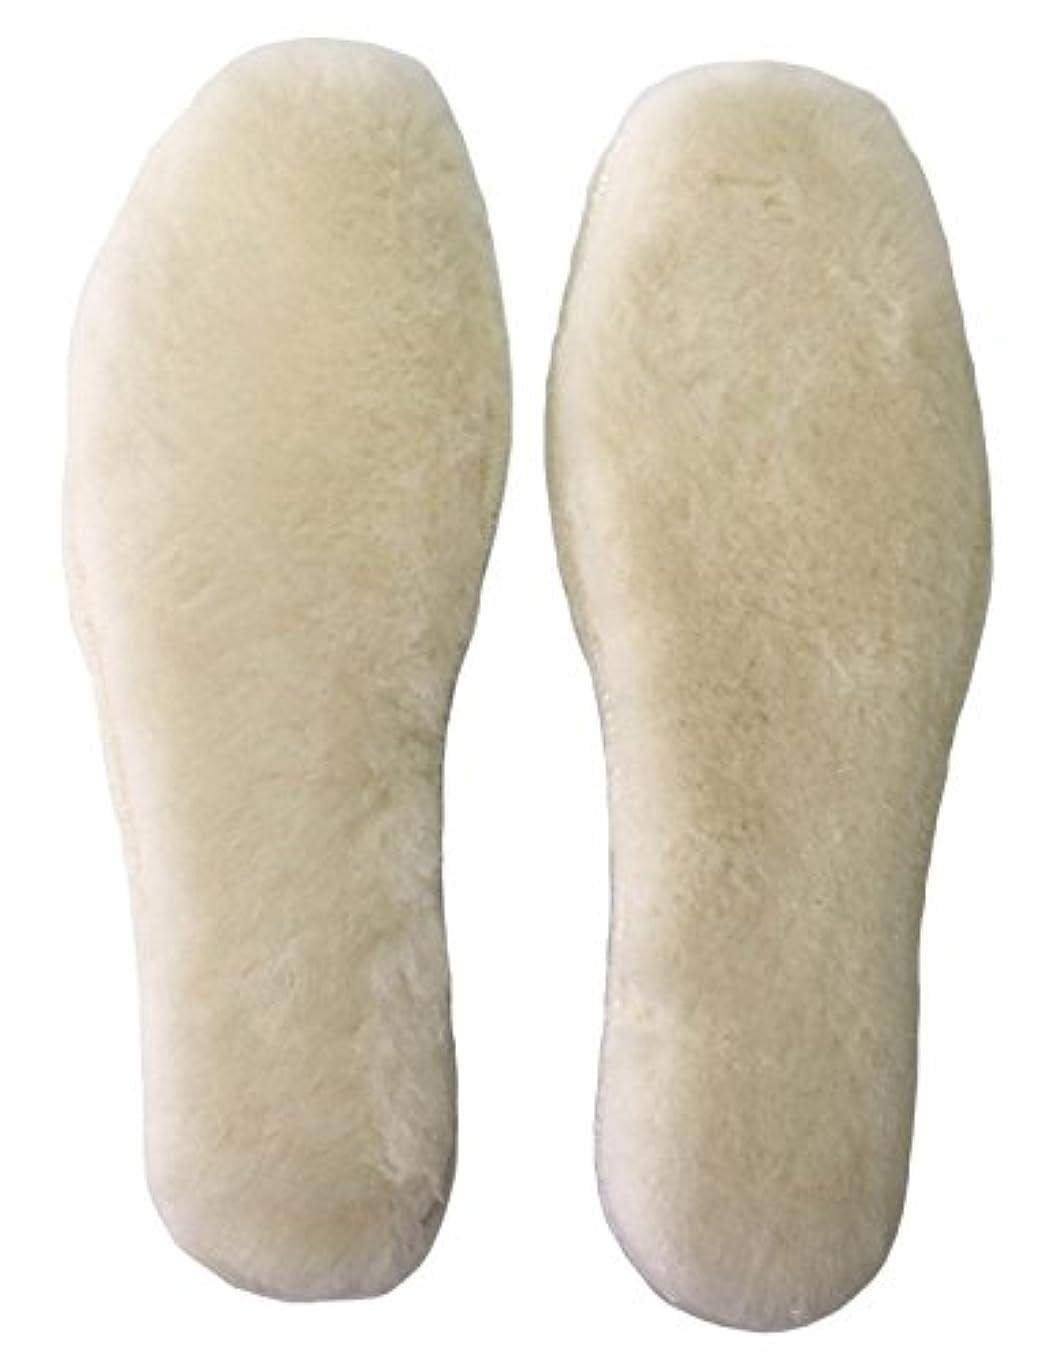 廃棄モッキンバード僕の[Furfurmouton] あったか 極厚インソール 天然羊毛 女性用 男性用 中敷き 【 サイズが選べます 】 ふわふわ もこもこ 防寒 保温 冷え性解消 ブーツに最適! emu UGG 等にも